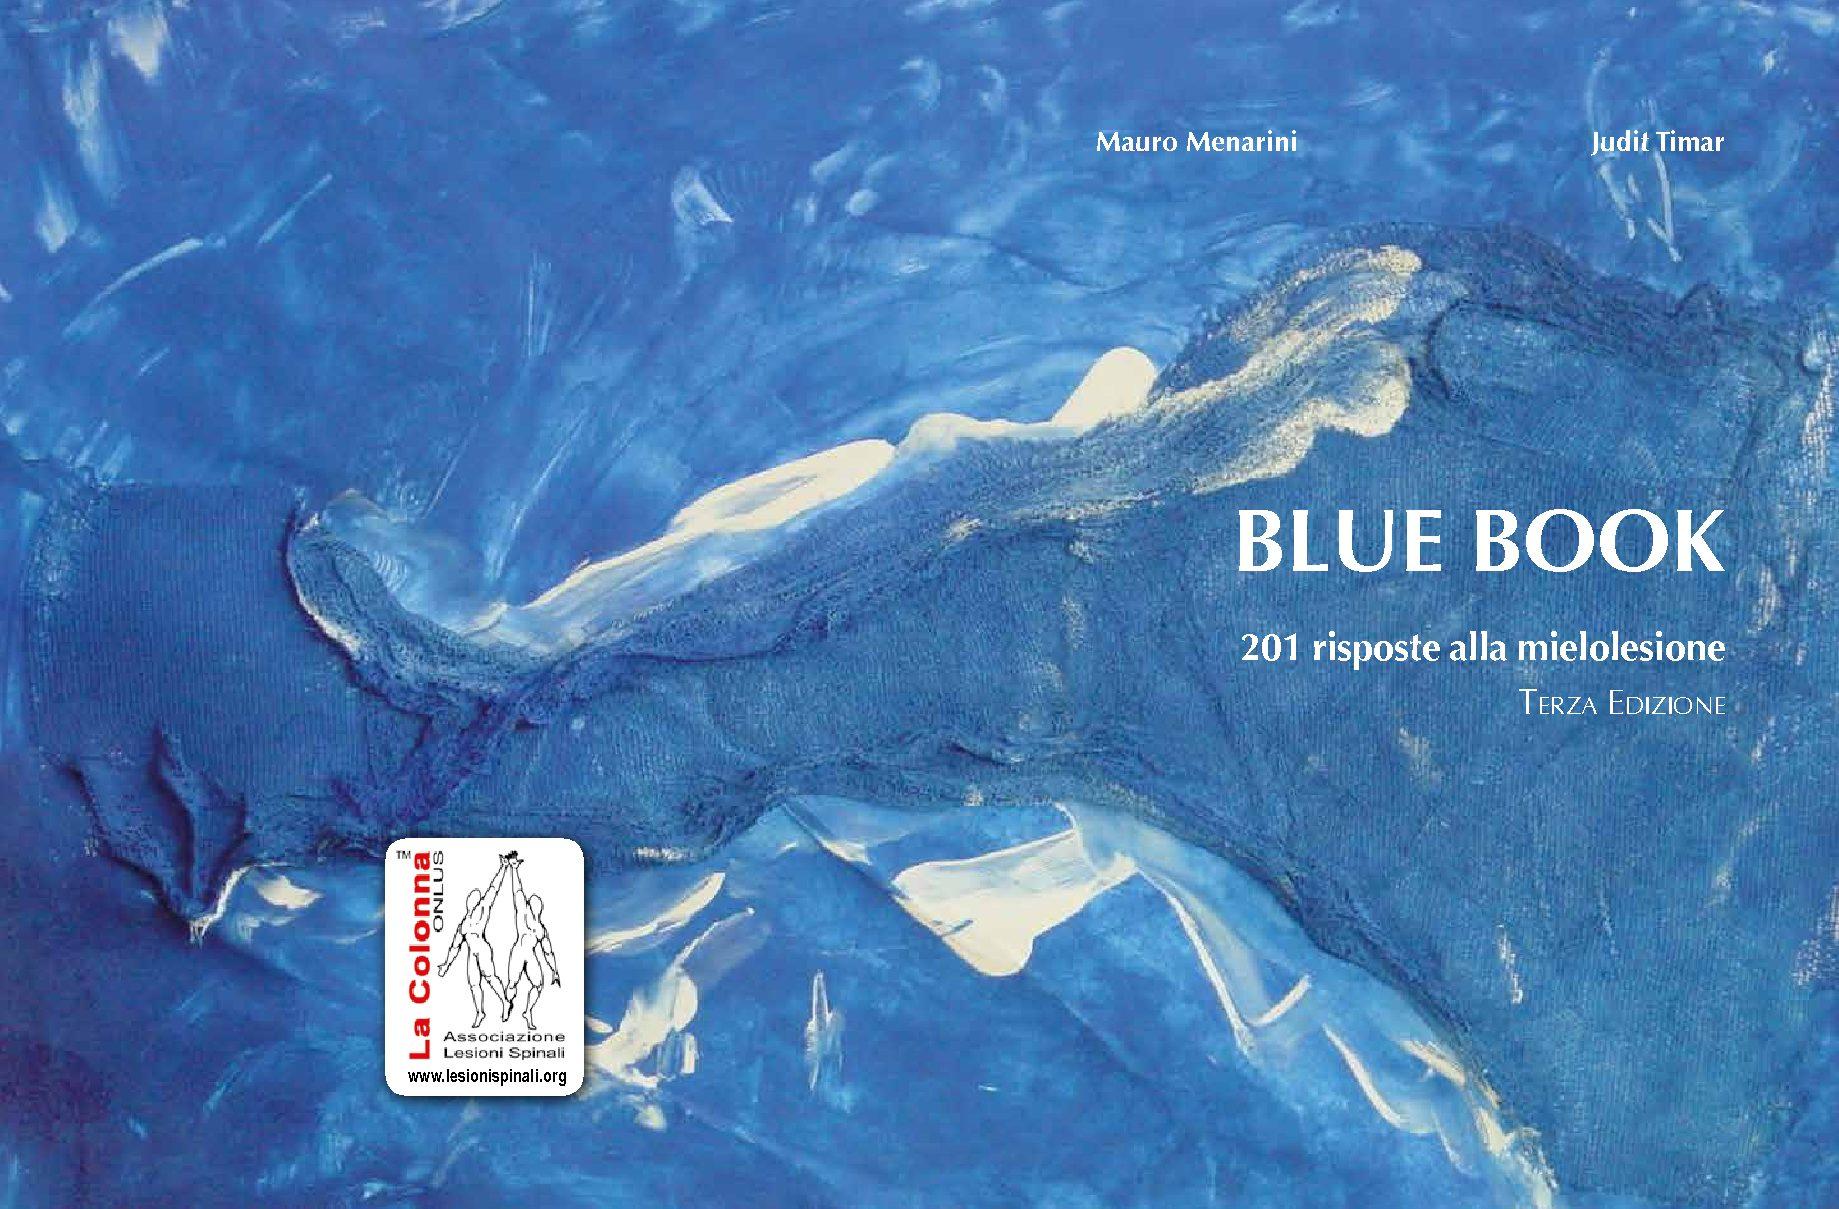 10.2016 Blue Book 201 risposte alla mielolesione